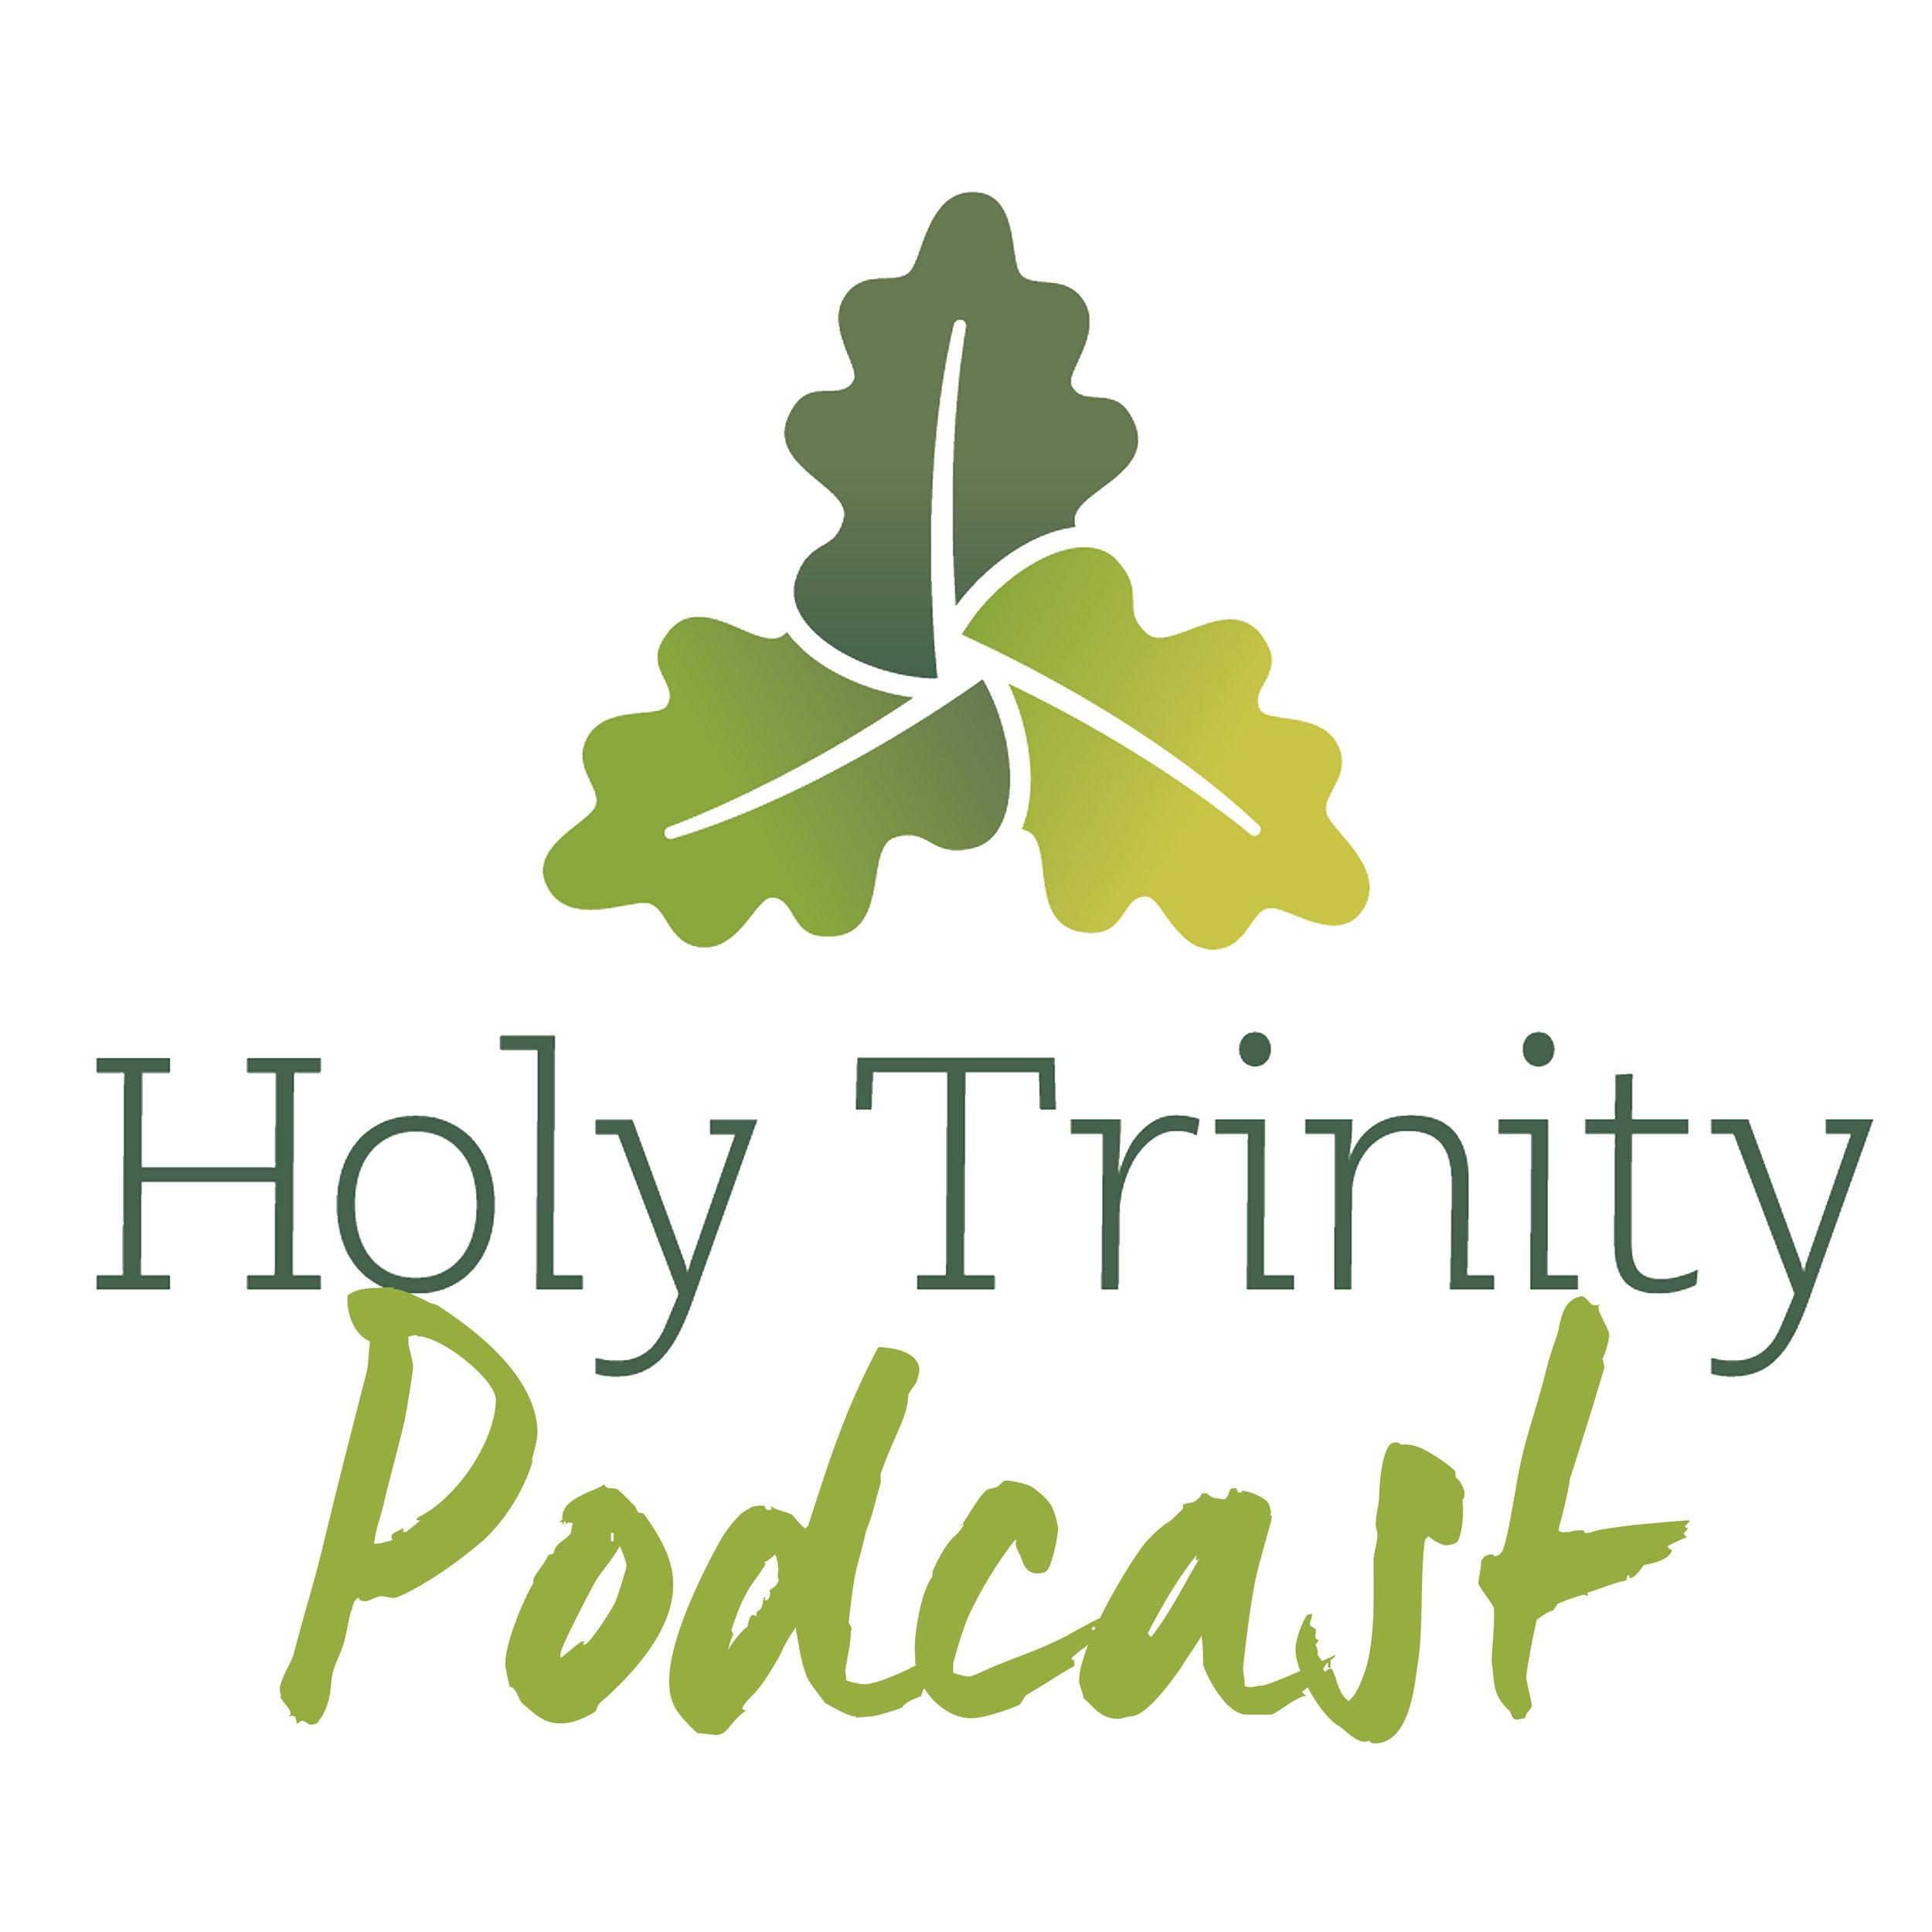 HTR Podcast Logo.jpg